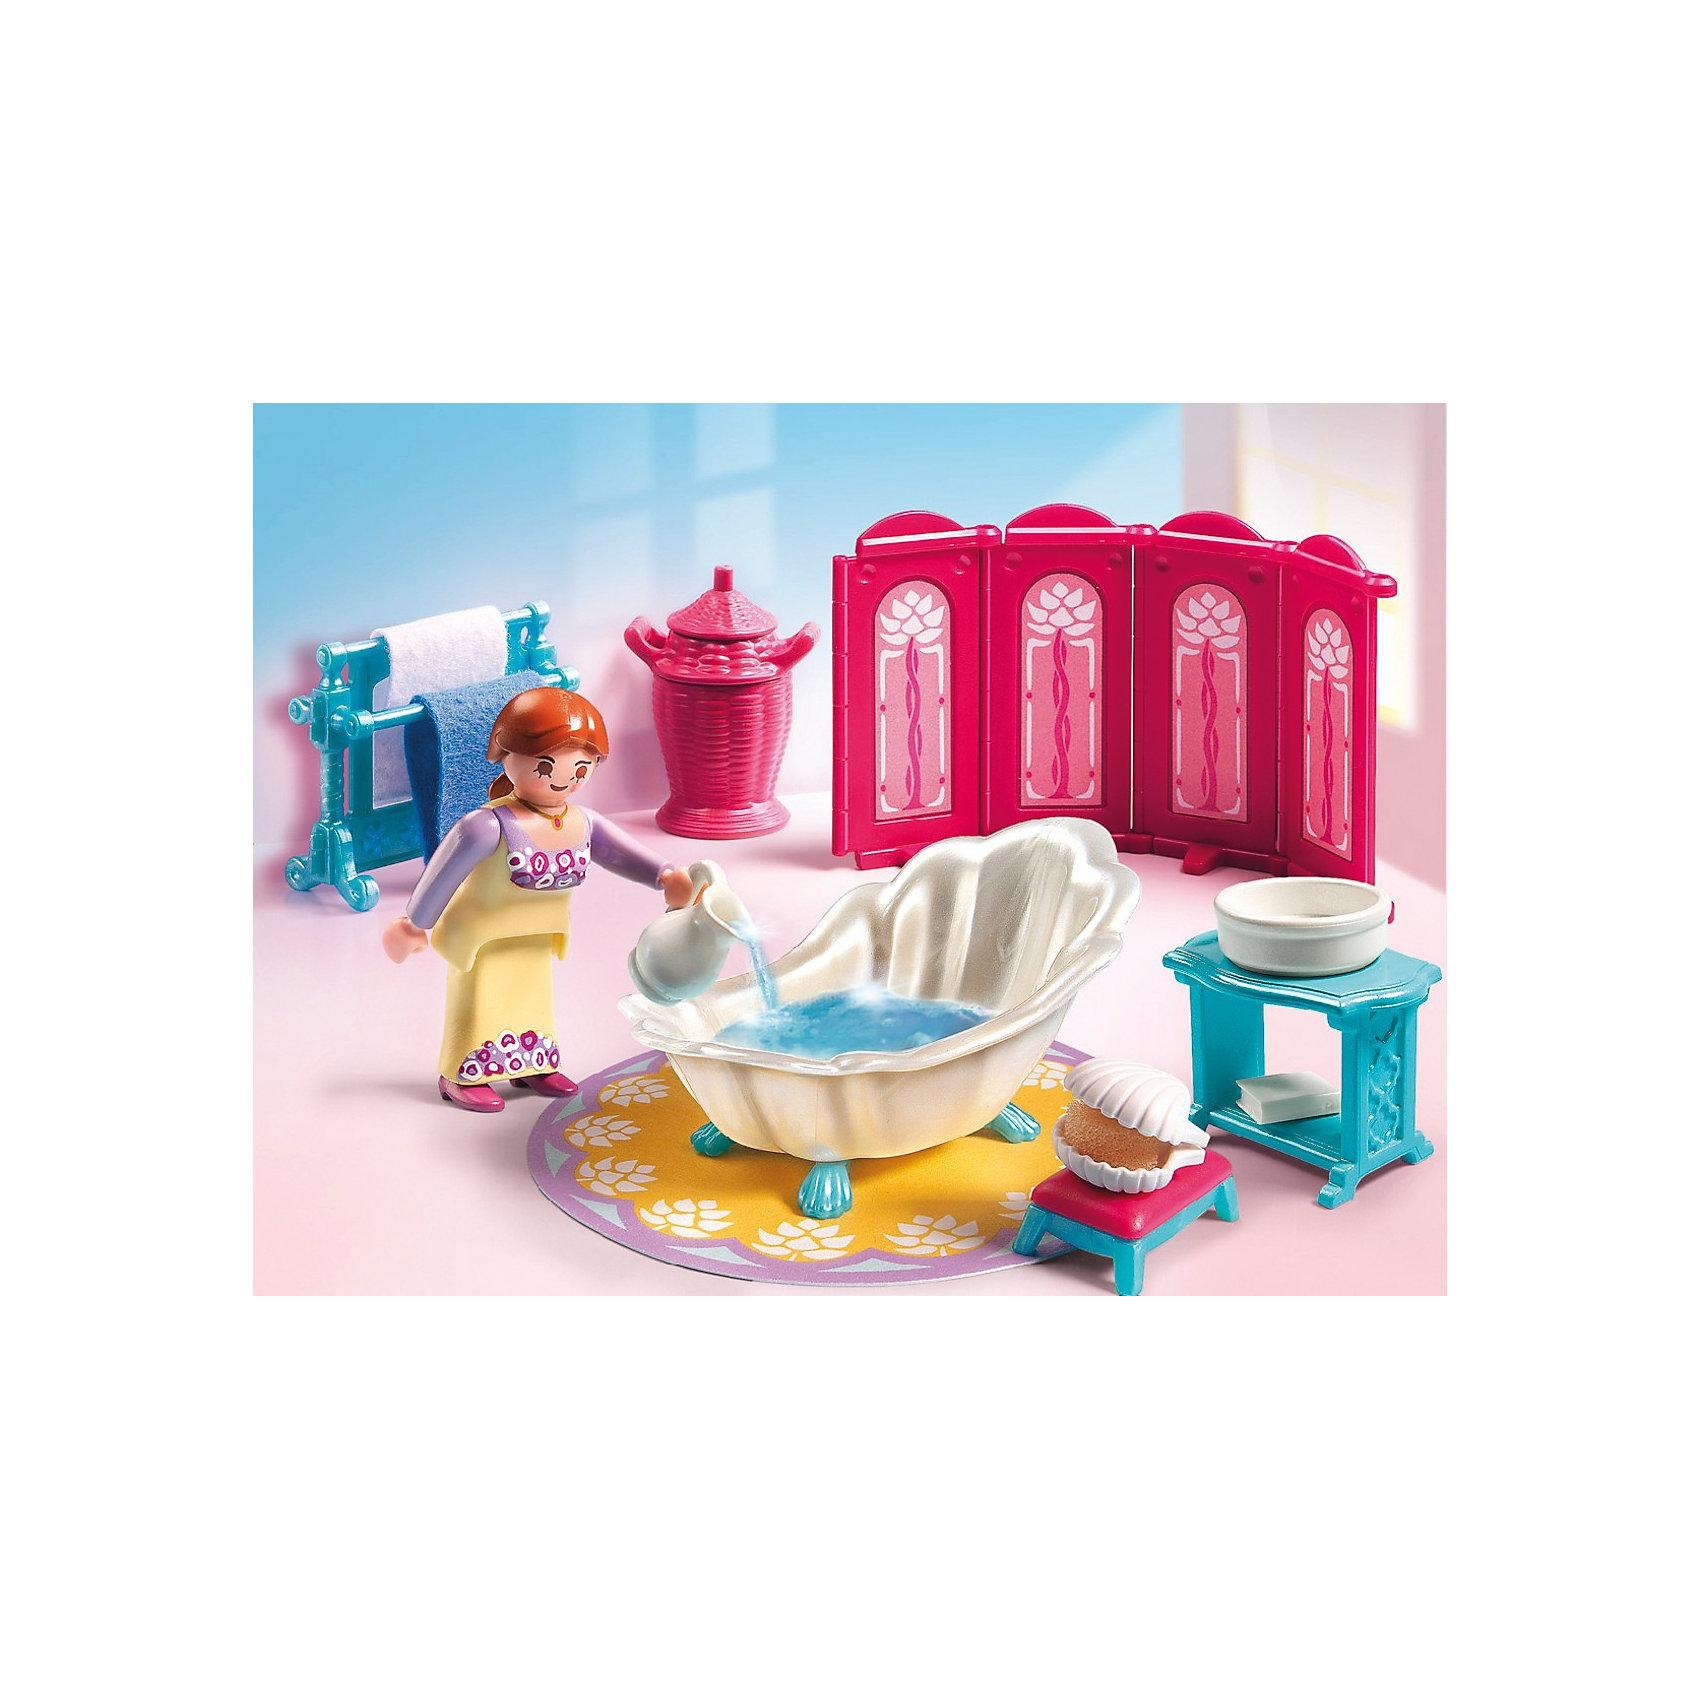 Королевская ванная комната, PLAYMOBILПластмассовые конструкторы<br>Известный бренд  Playmobil дарит своим  друзьям  игровой набор с элементами конструктора Королевская ванная комната<br>Даже в ванной у королевской особы должно быть все по королевские!<br><br>В наборе:<br>- ванна в форме ракушки, коврик, фигурка девушки, ширма, два полотенца, корзина, пуфик, кувшин, тазик, мыло, мыльница, вешалка, столик.<br><br>Игрушки от немецкого бренда Playmobil отличаются высоким качеством и надежностью. <br>Замечательное качество игрушек Playmobil — возможность совмещать наборы друг с другом, раздвигая границы игры до бесконечности. <br>Придумывайте и создавайте свои истории вместе с игрушками бренда Плеймобил!<br><br>Ширина мм: 203<br>Глубина мм: 151<br>Высота мм: 79<br>Вес г: 146<br>Возраст от месяцев: 48<br>Возраст до месяцев: 120<br>Пол: Женский<br>Возраст: Детский<br>SKU: 2265280